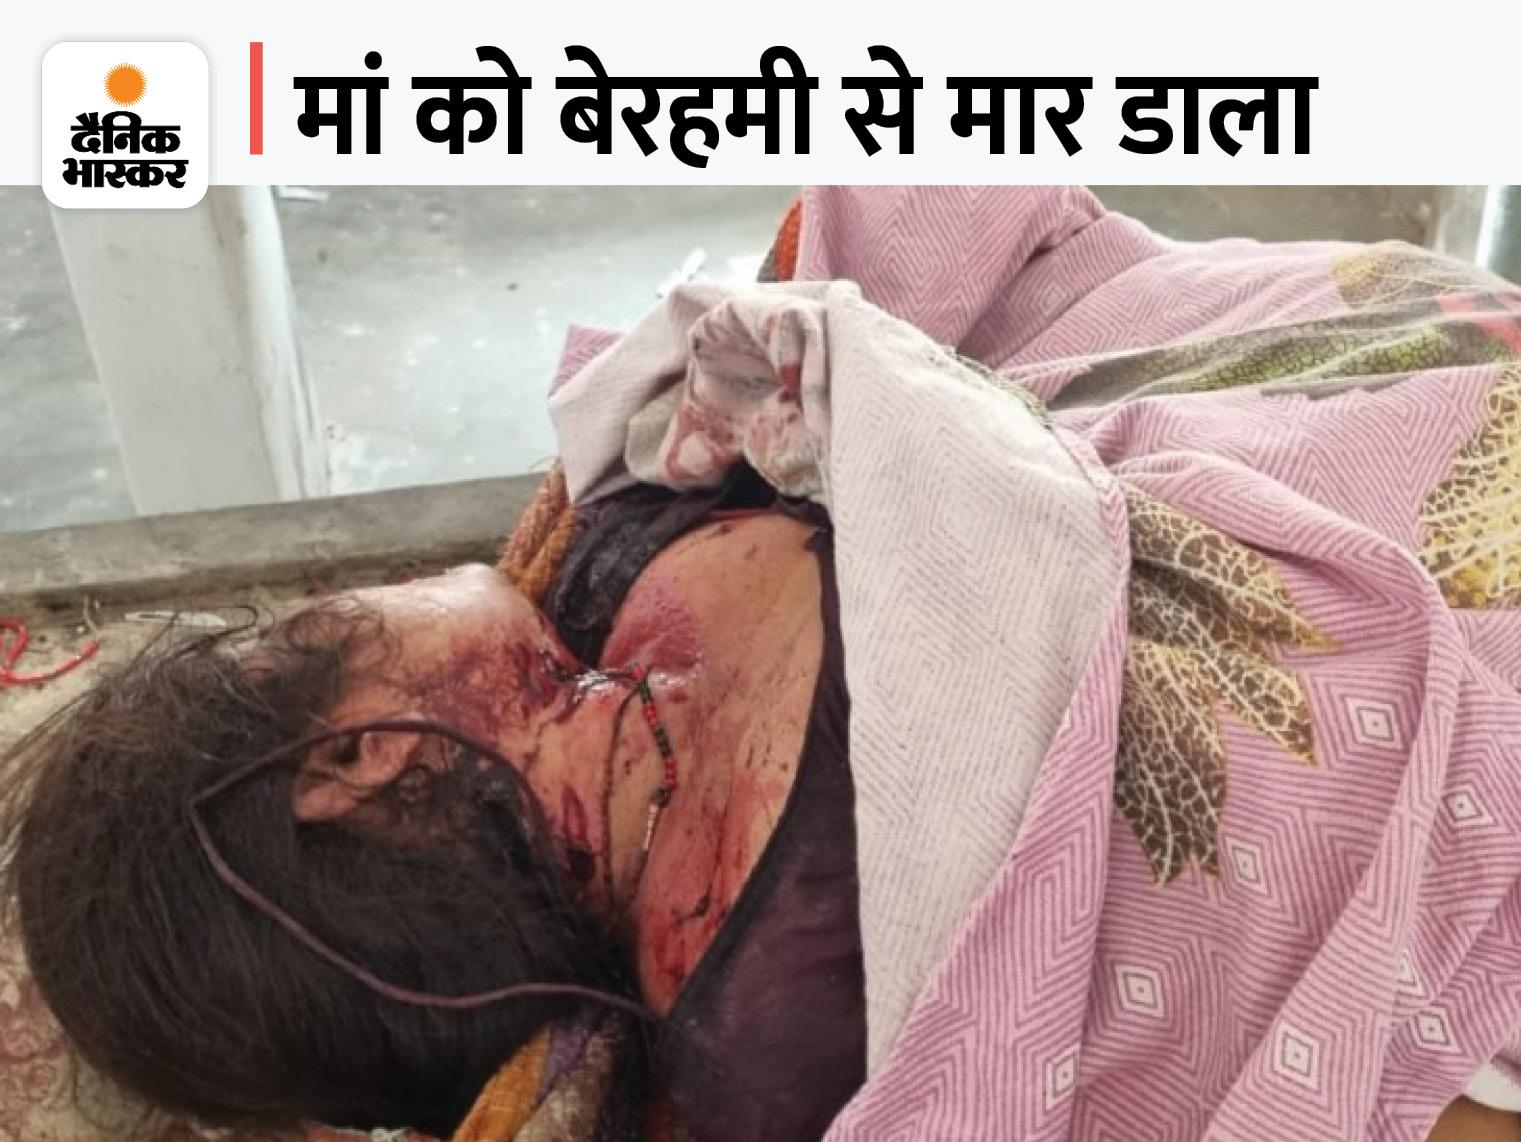 16 साल के बेटे ने रात को सब्जी काटने वाले चाकू से किए वार; चुपचाप जाकर सो गया|नागौर,Nagaur - Dainik Bhaskar